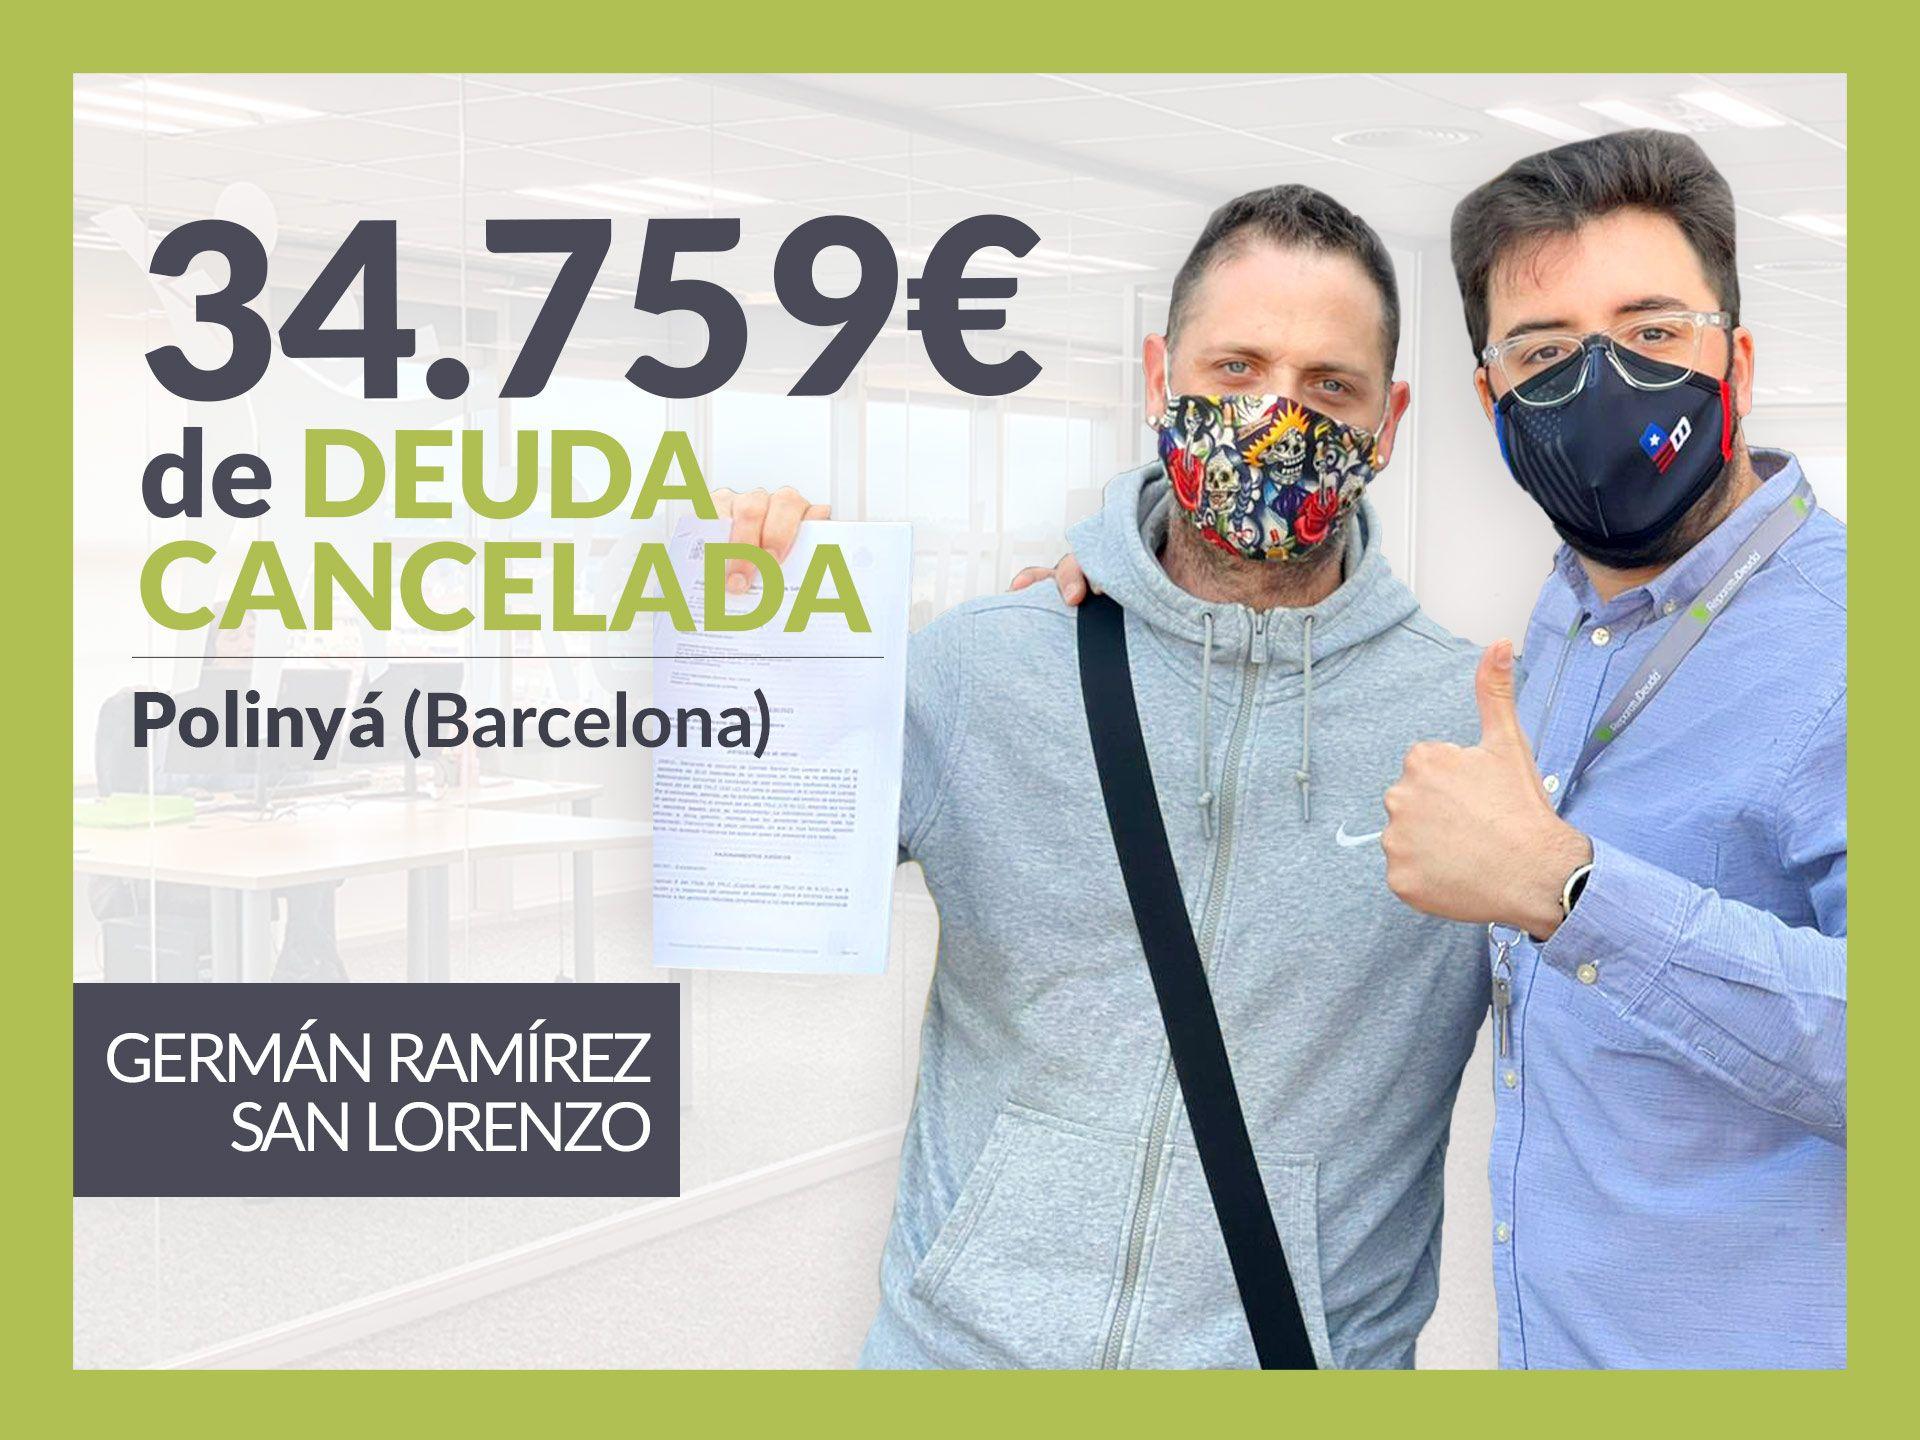 Foto de Germán Ramírez (a la izquierda), exonerado con Repara Tu